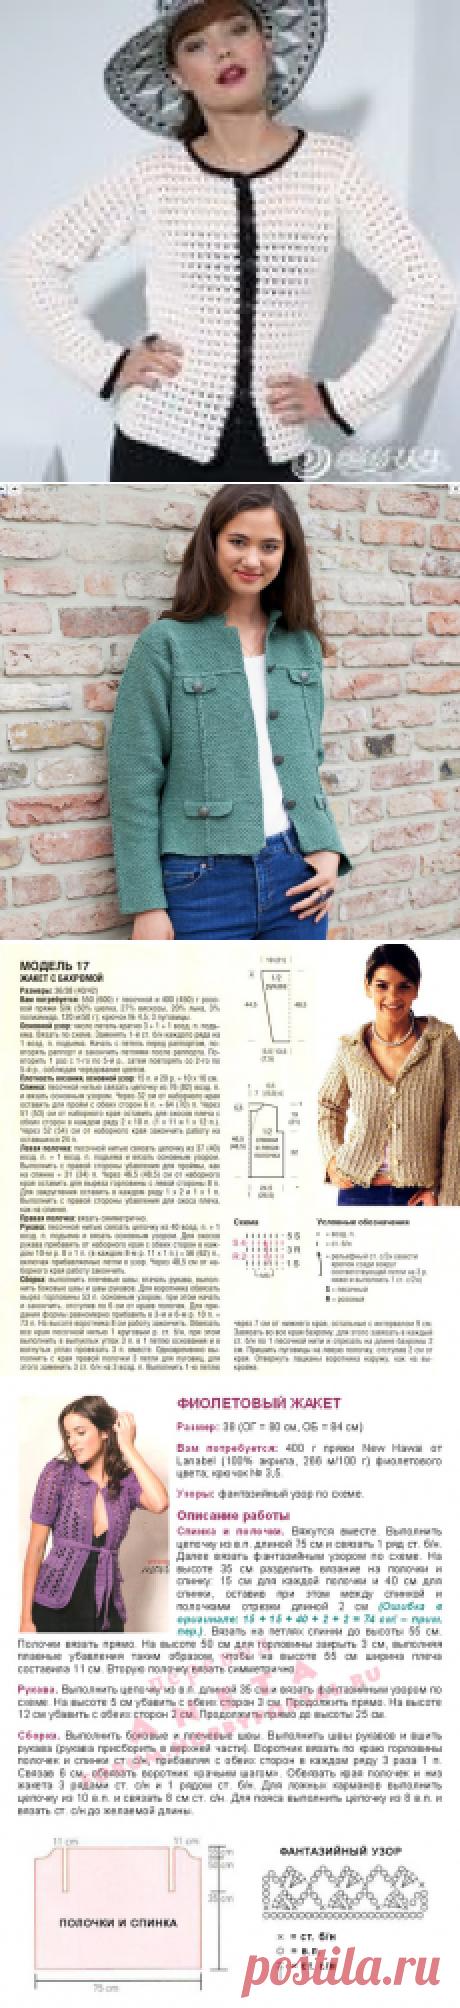 Красивые модели пиджаков вязаных крючком